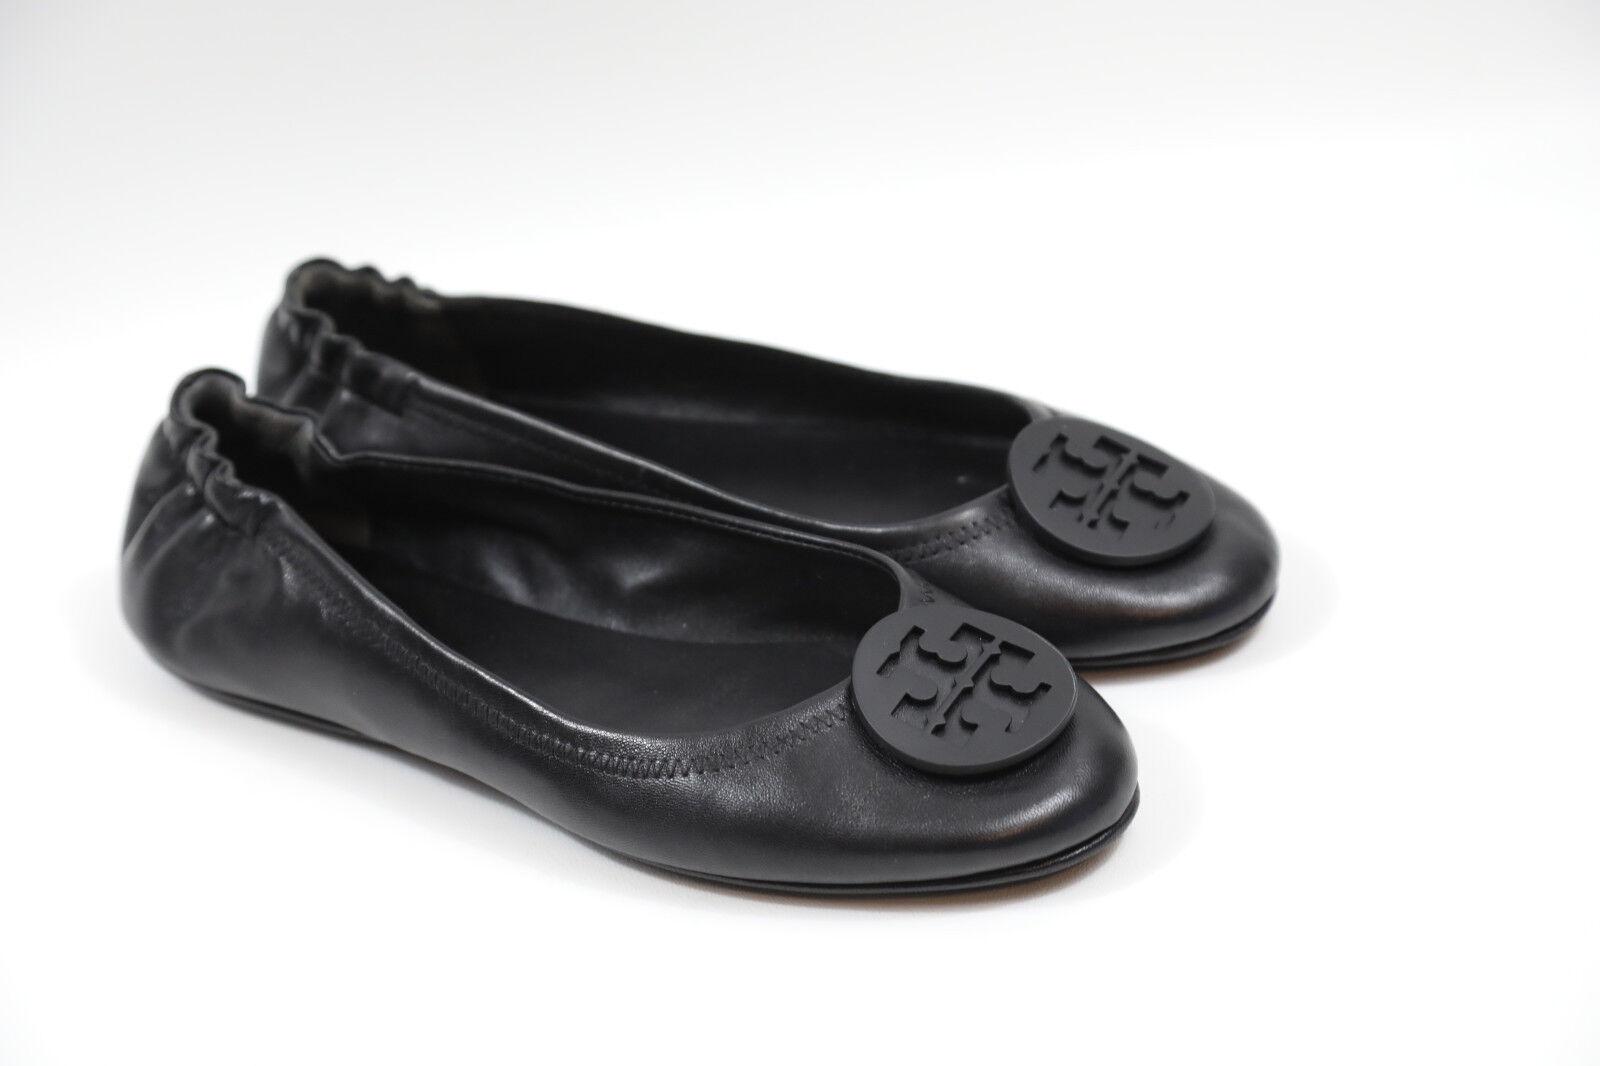 15 Tory Burch 'Minnie' Negro Viaje Zapatos Ballerina Zapatos Zapatos Zapatos de tacón cuero talla 8.5  228 venta al por menor  mejor vendido